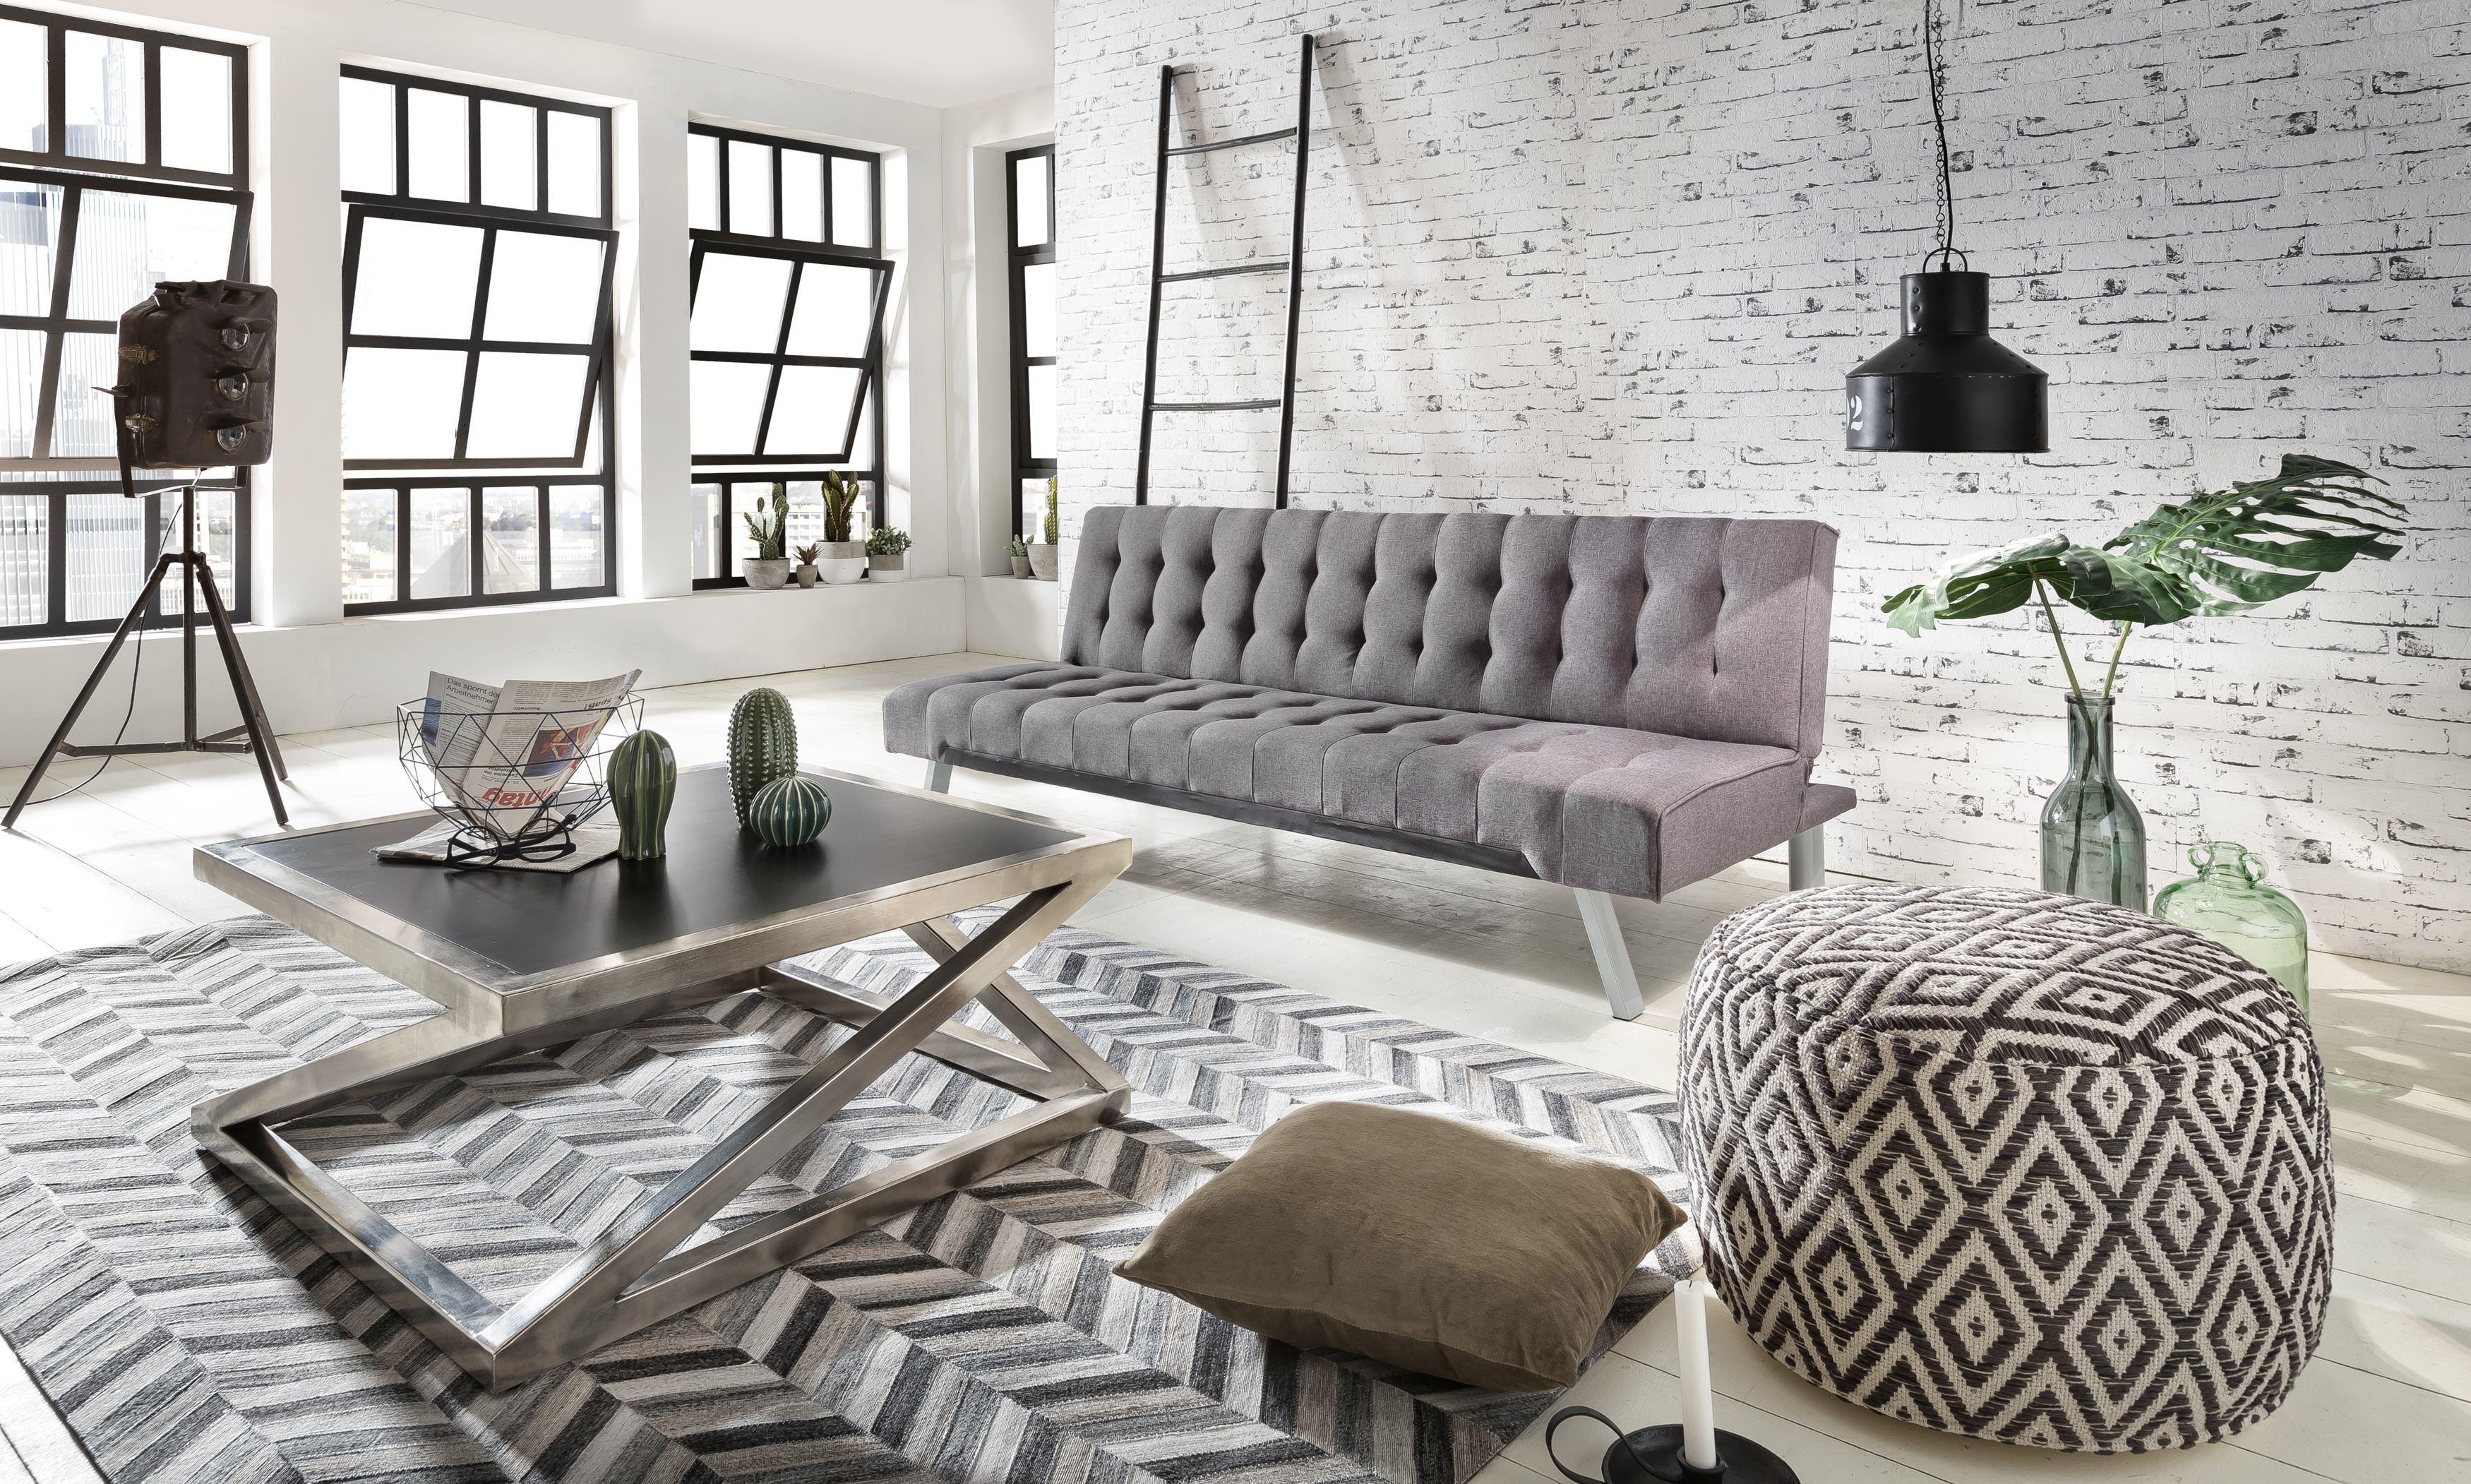 couchtisch aus vernickelten metall und mdf platten schwarz. Black Bedroom Furniture Sets. Home Design Ideas